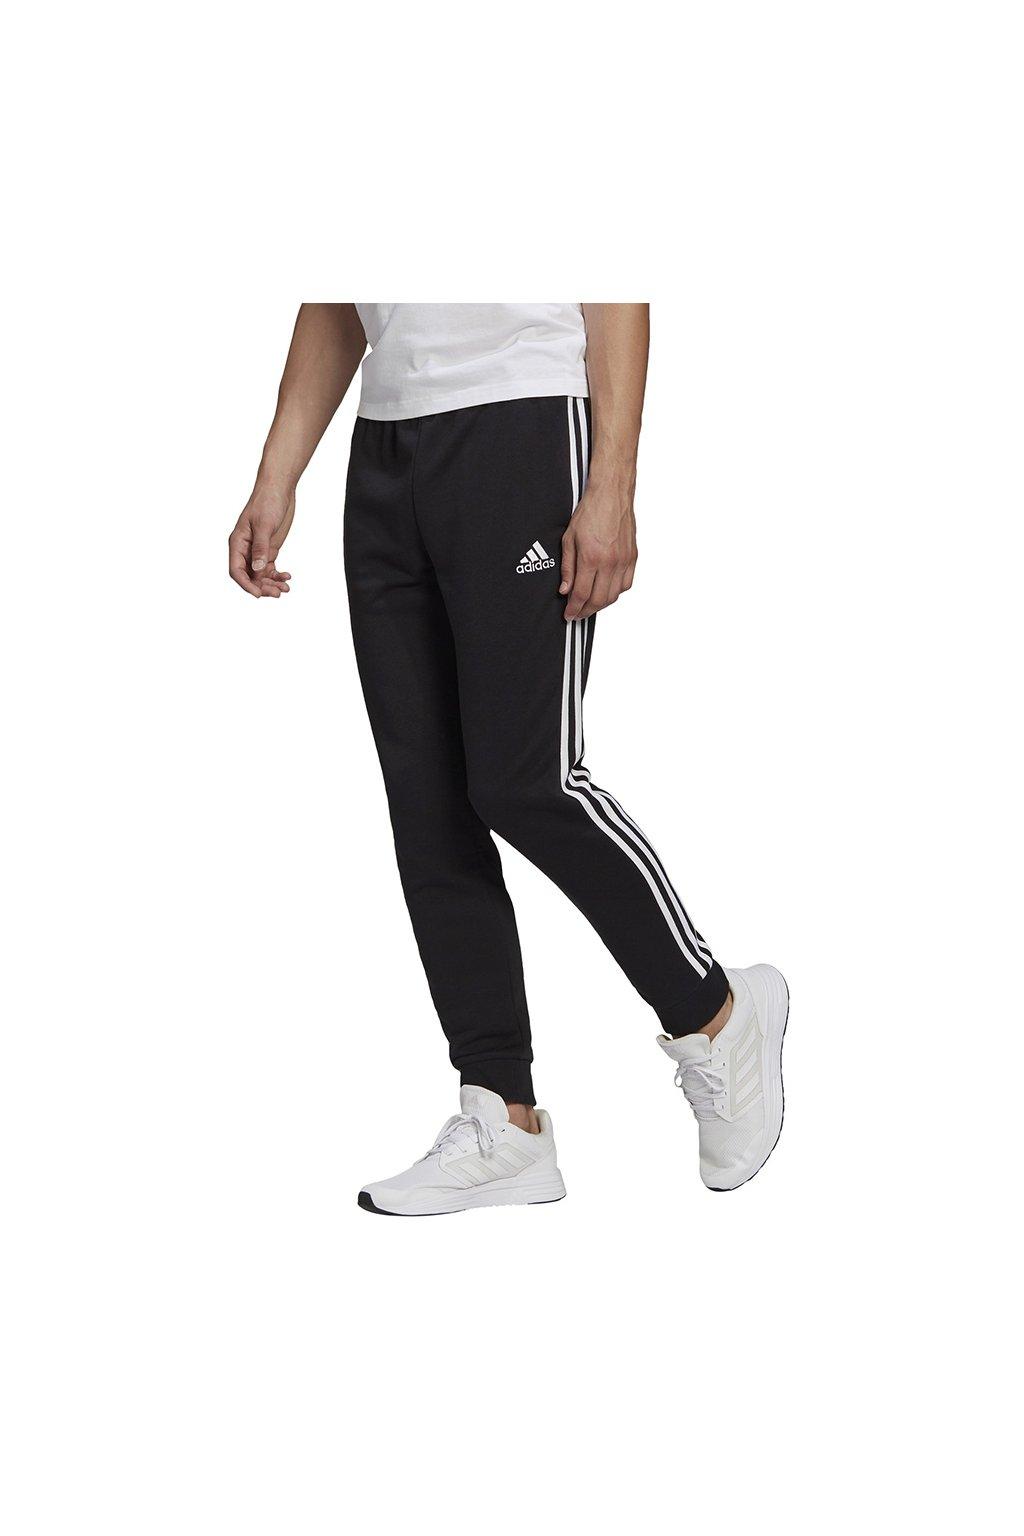 Pánske tepláky adidas Essentials Tapered Cuff 3 Stripes čierne GK8831